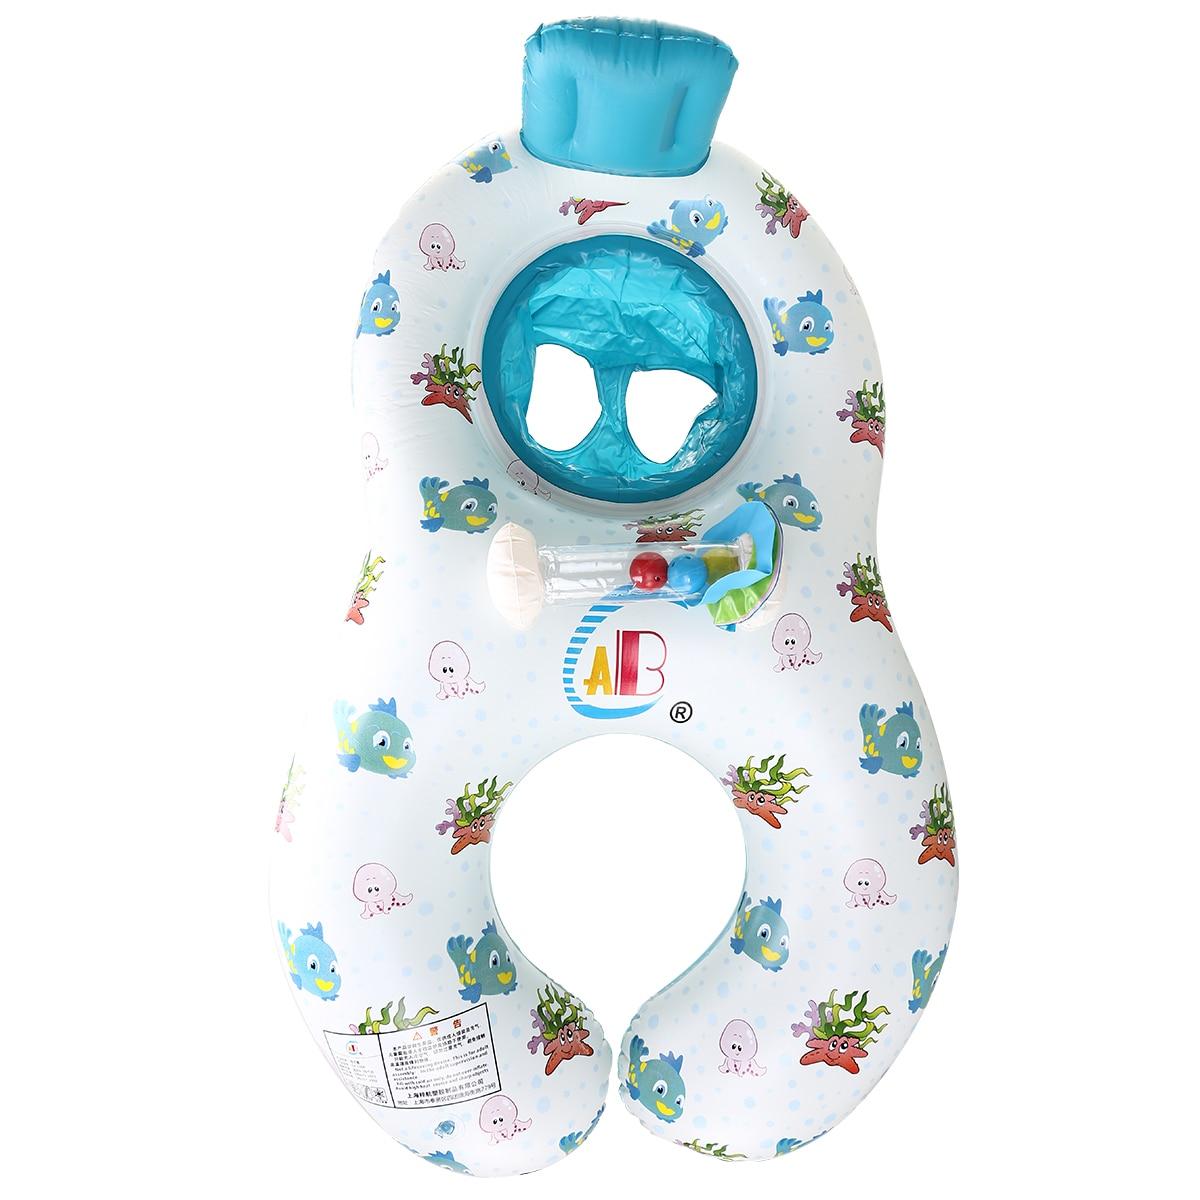 1 Stücke Baby Schwimmen Pool Schwimm Aufblasbare Schwimmen Pool Schwimmen Ring Kinder Stuhl Sitz Schwimm Eltern